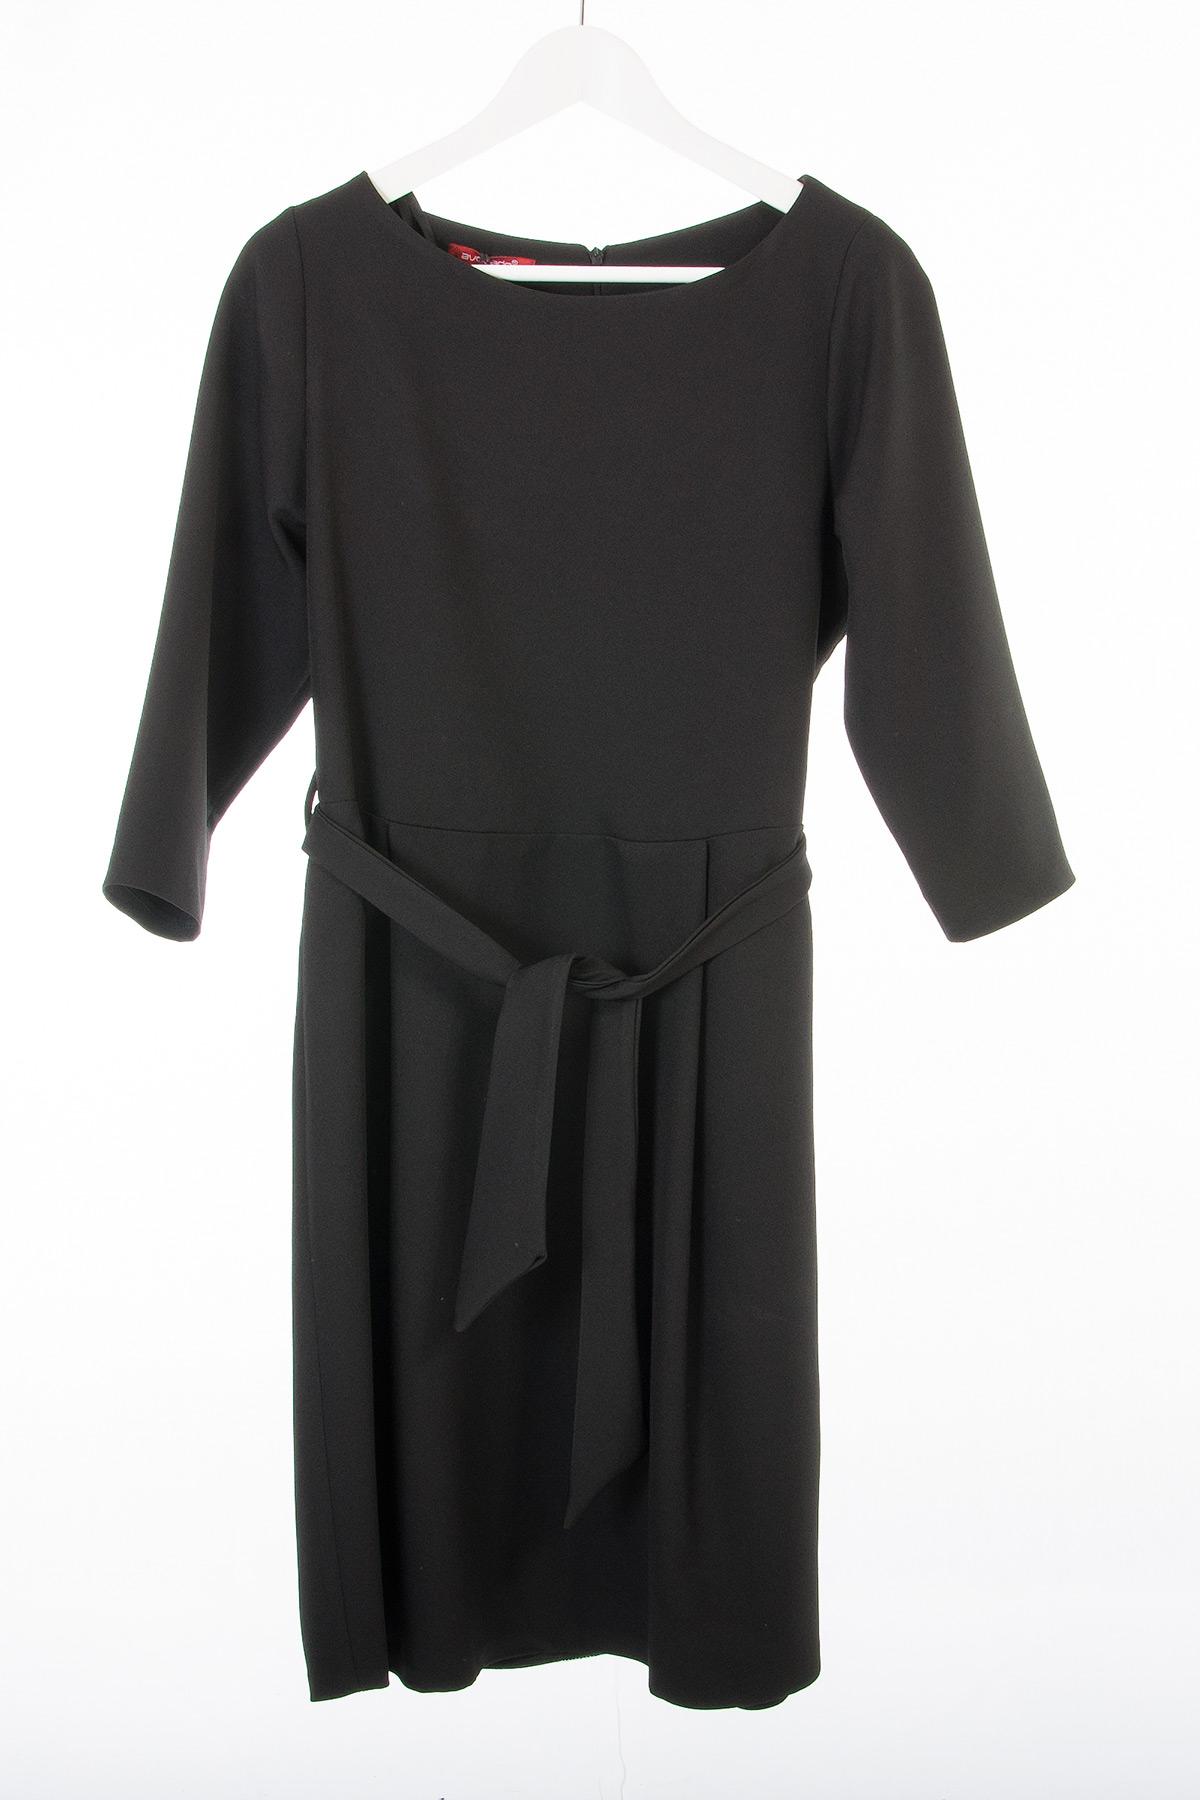 Φόρεμα με ζωνάκι